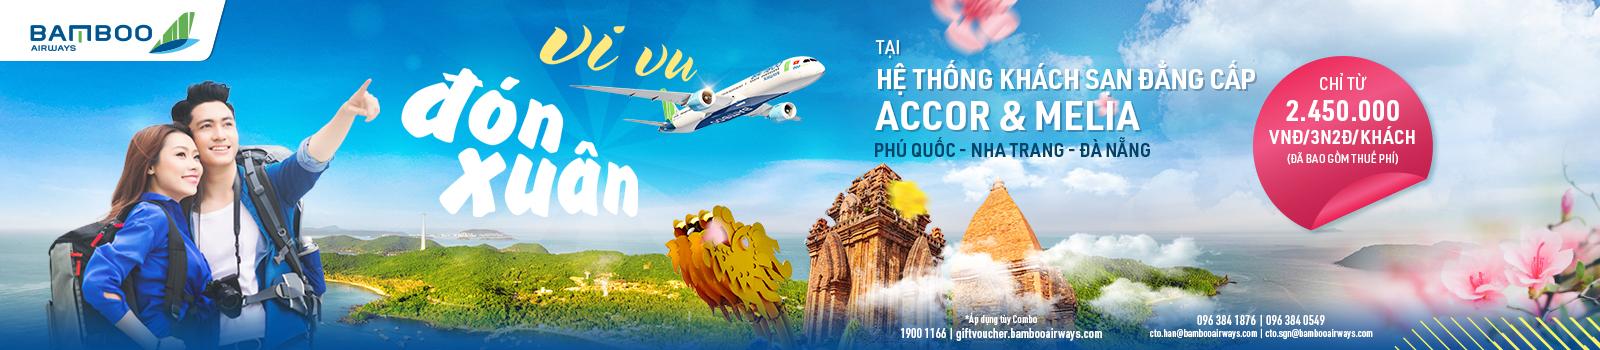 Nghỉ dưỡng Novotel Nha Trang – Khởi hành TP.HCM (cuối tuần)